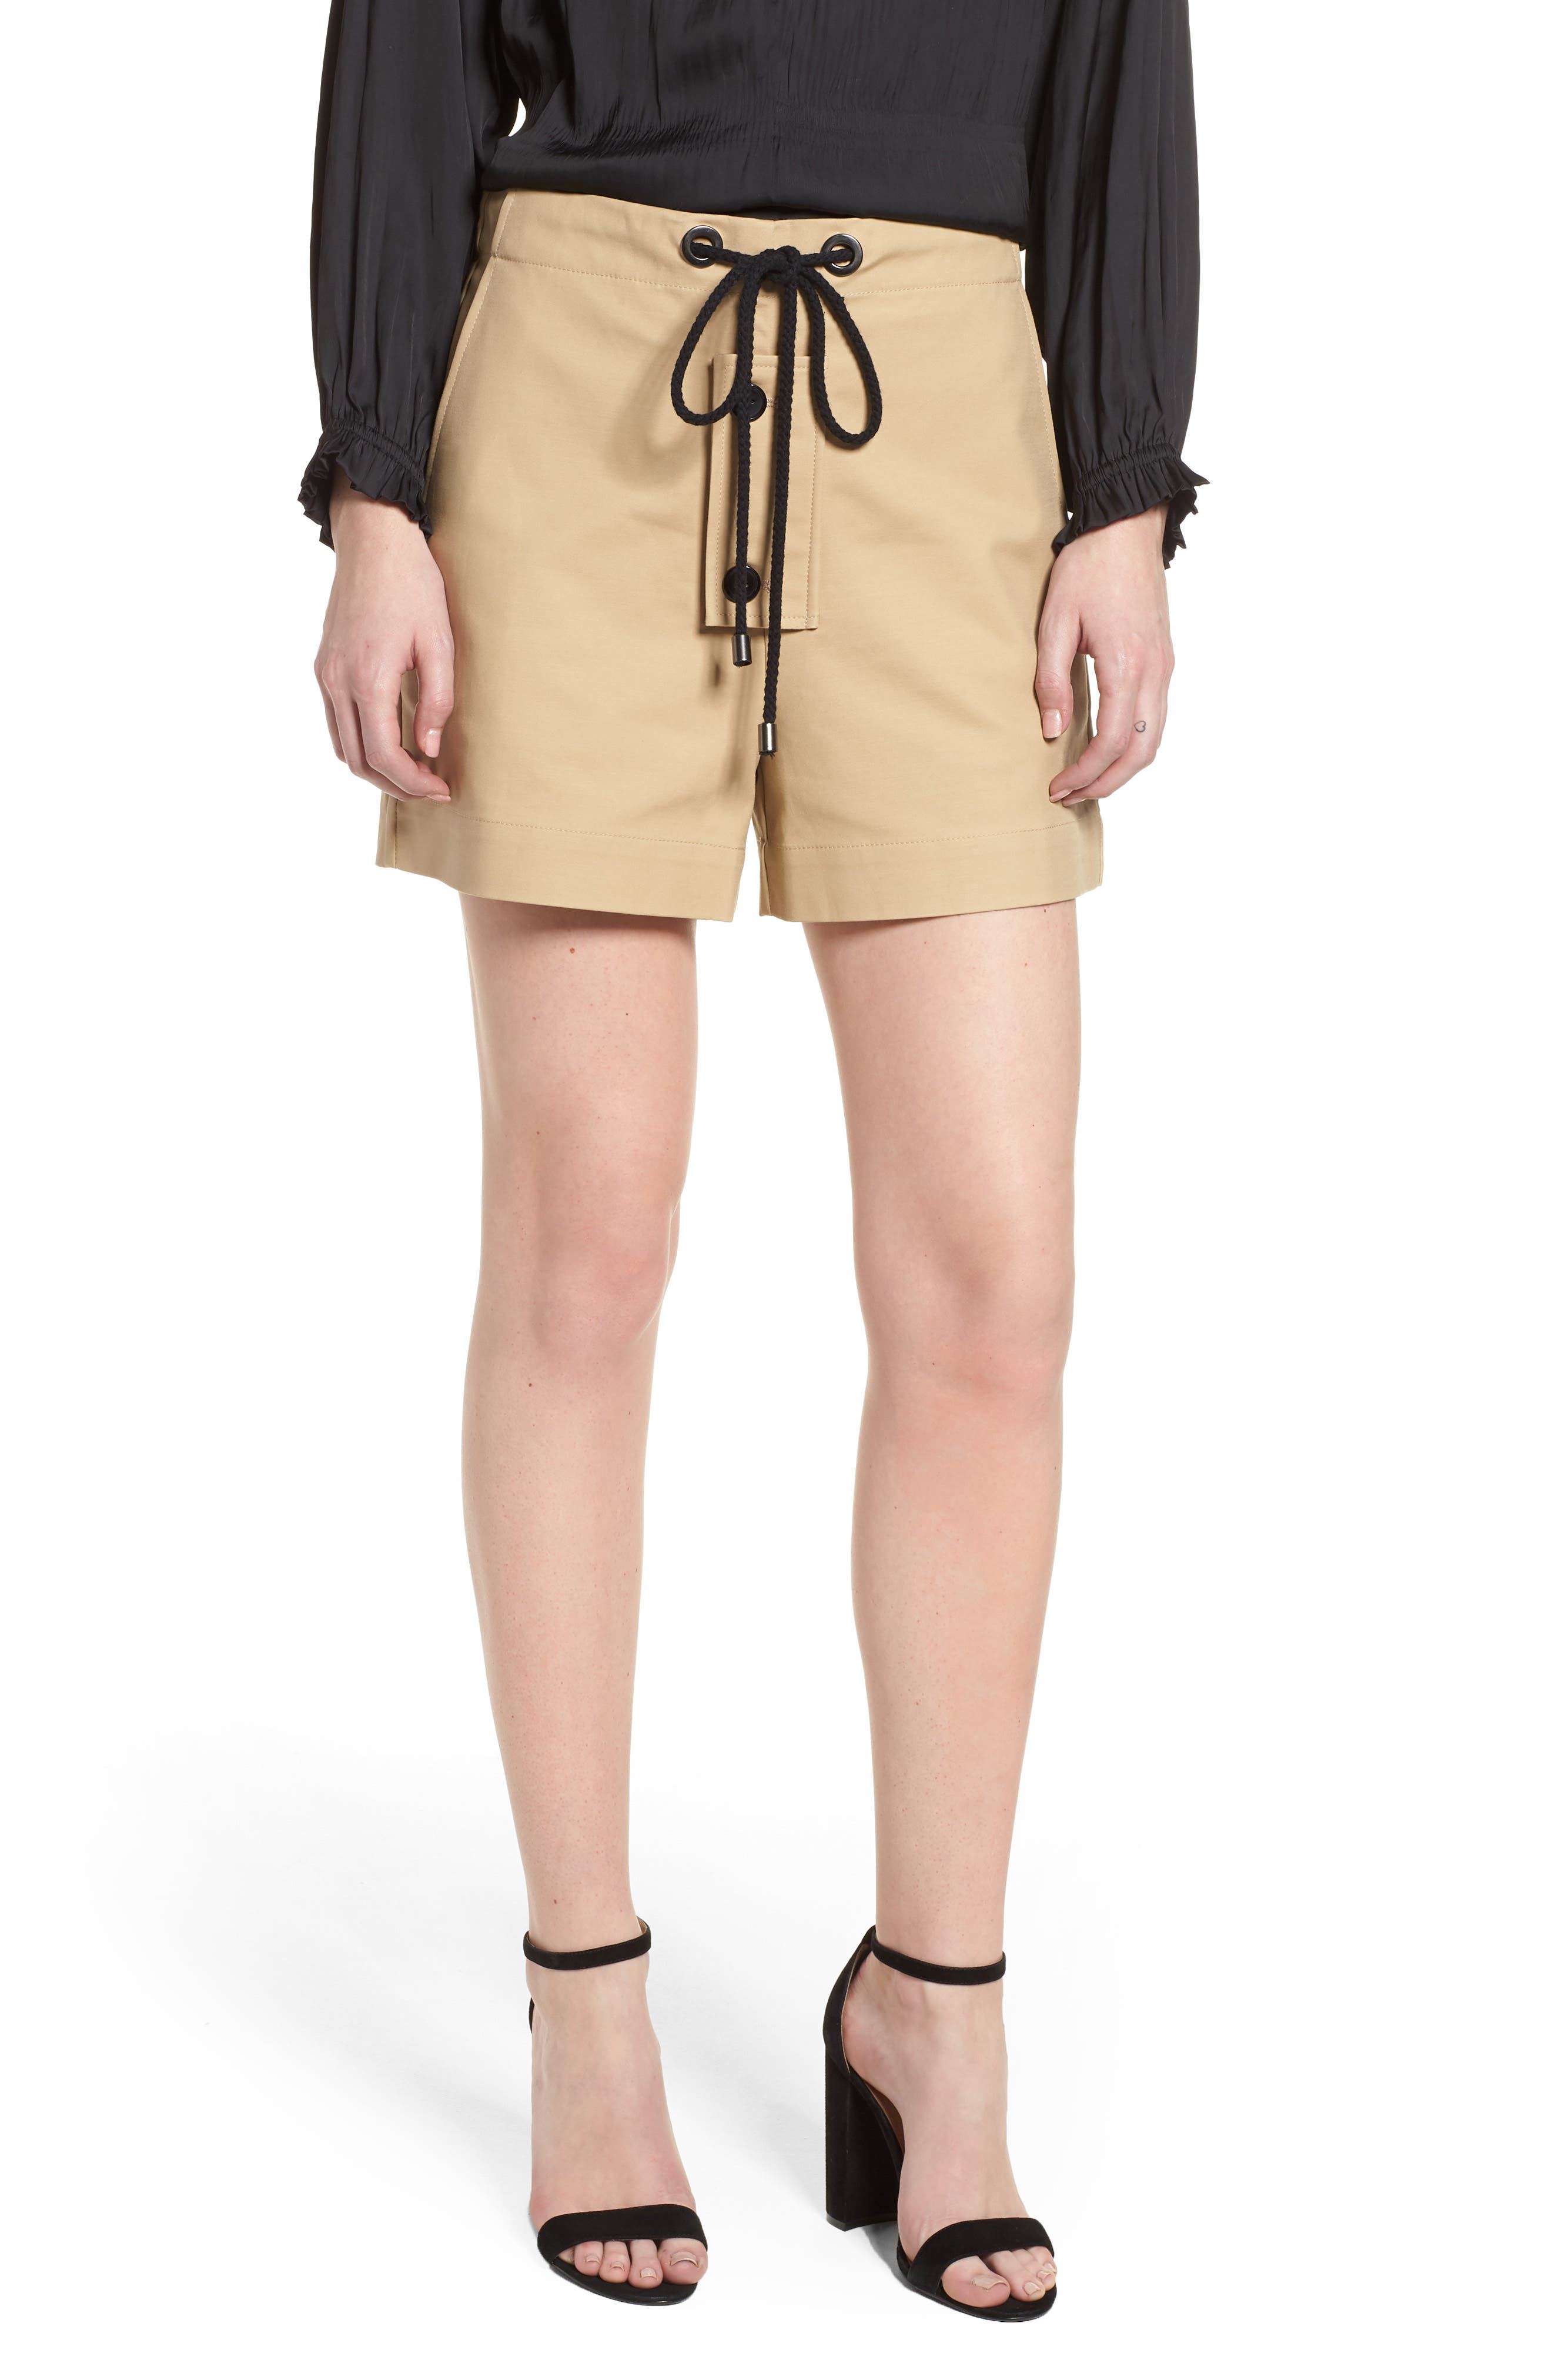 Park South Shorts,                         Main,                         color, 250